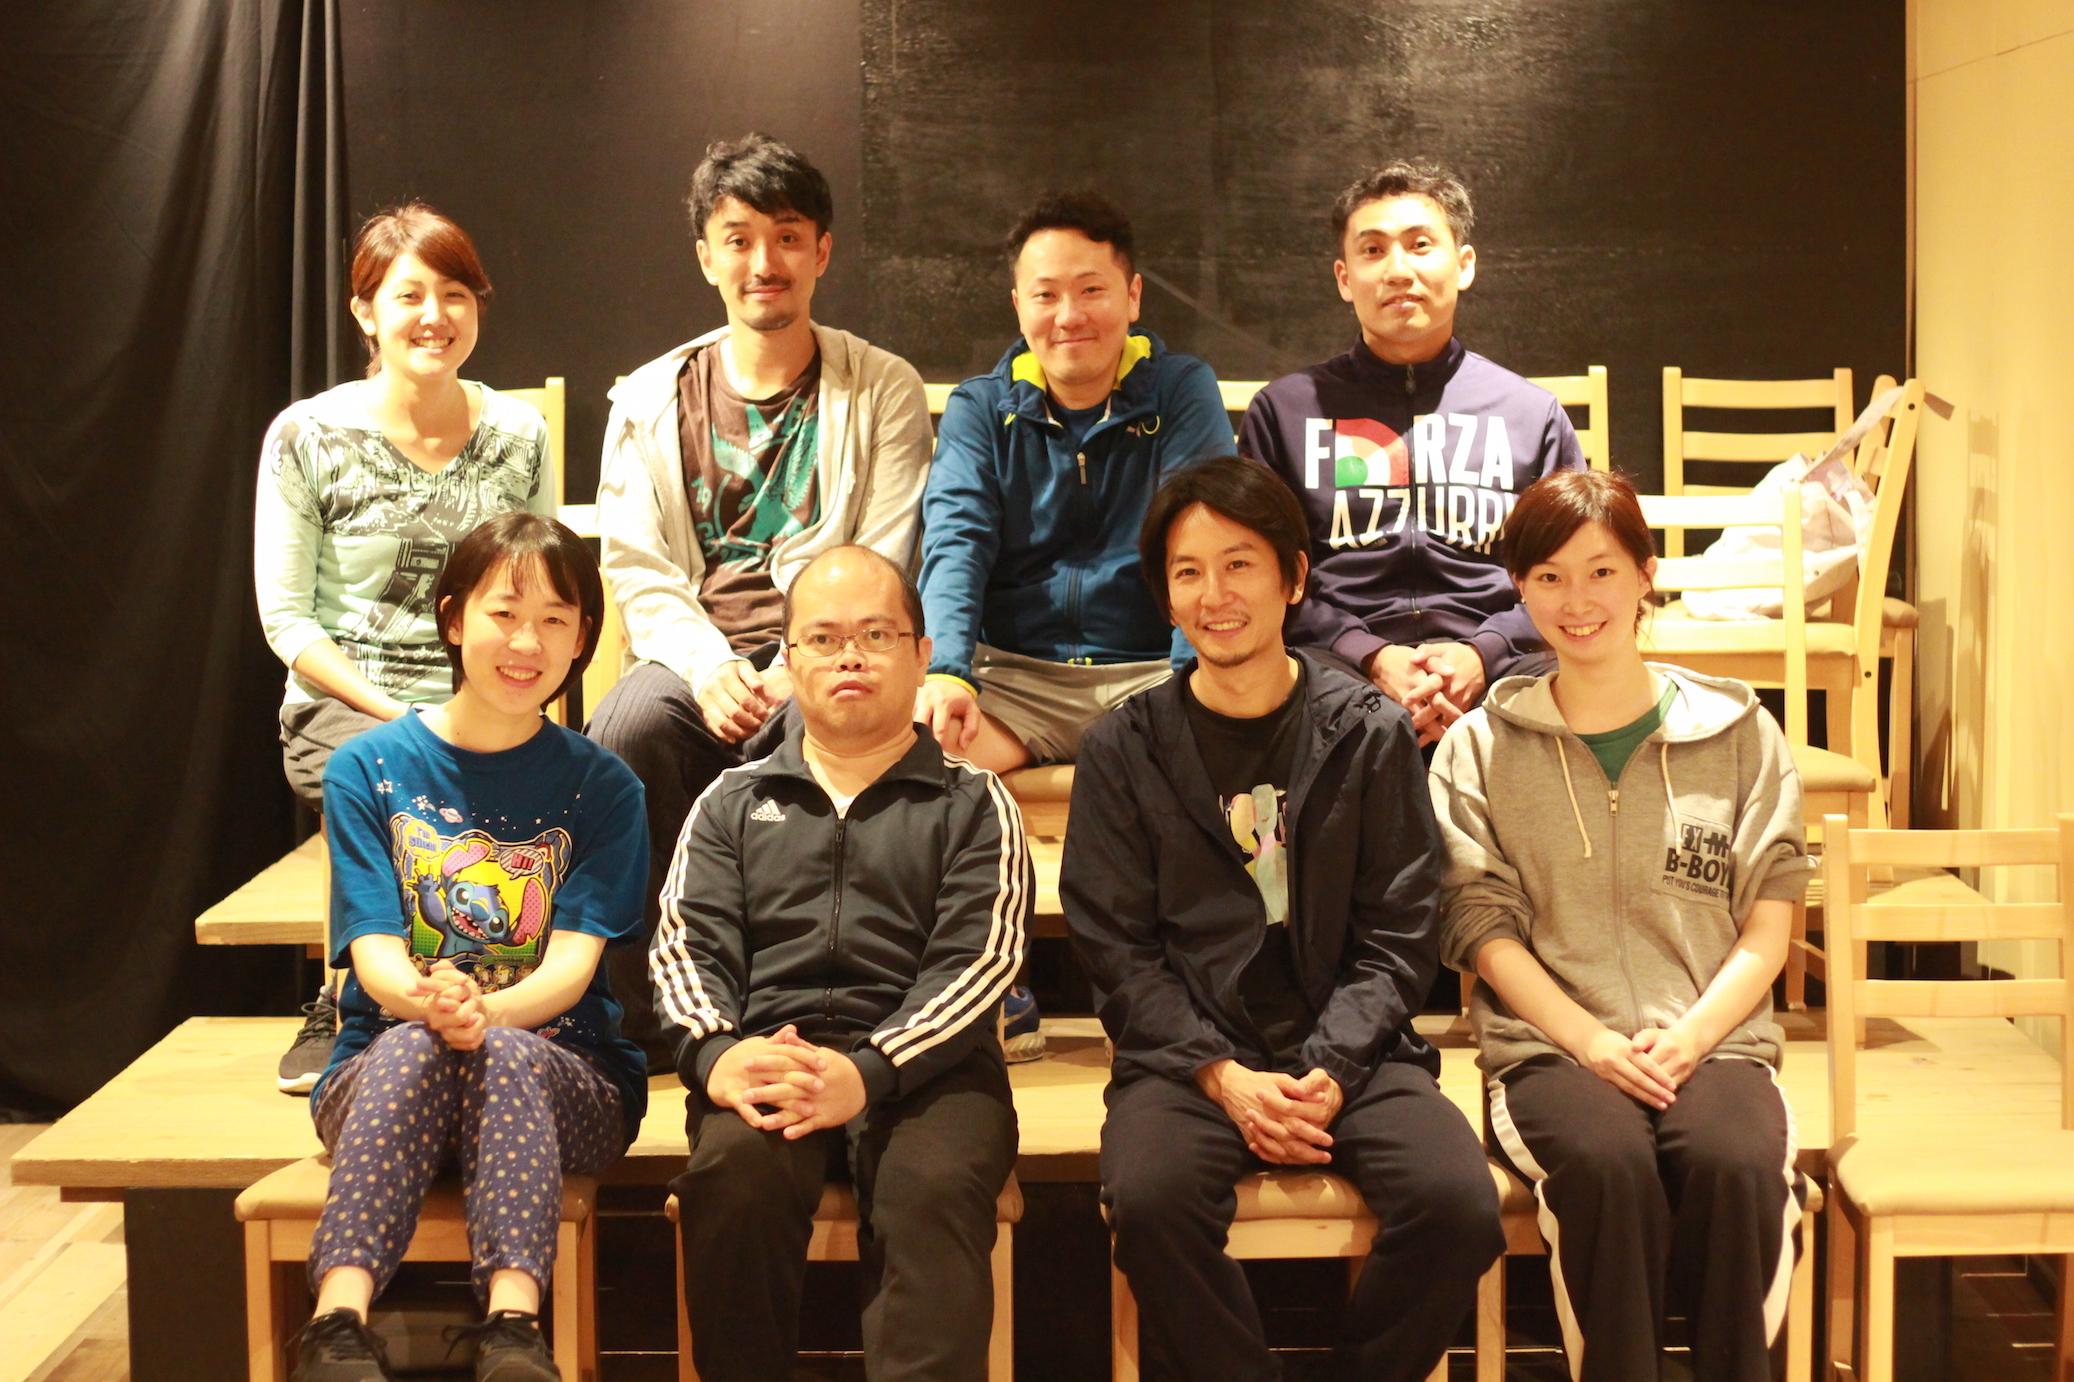 2018年『土砂降りボードビル』の出演者たち